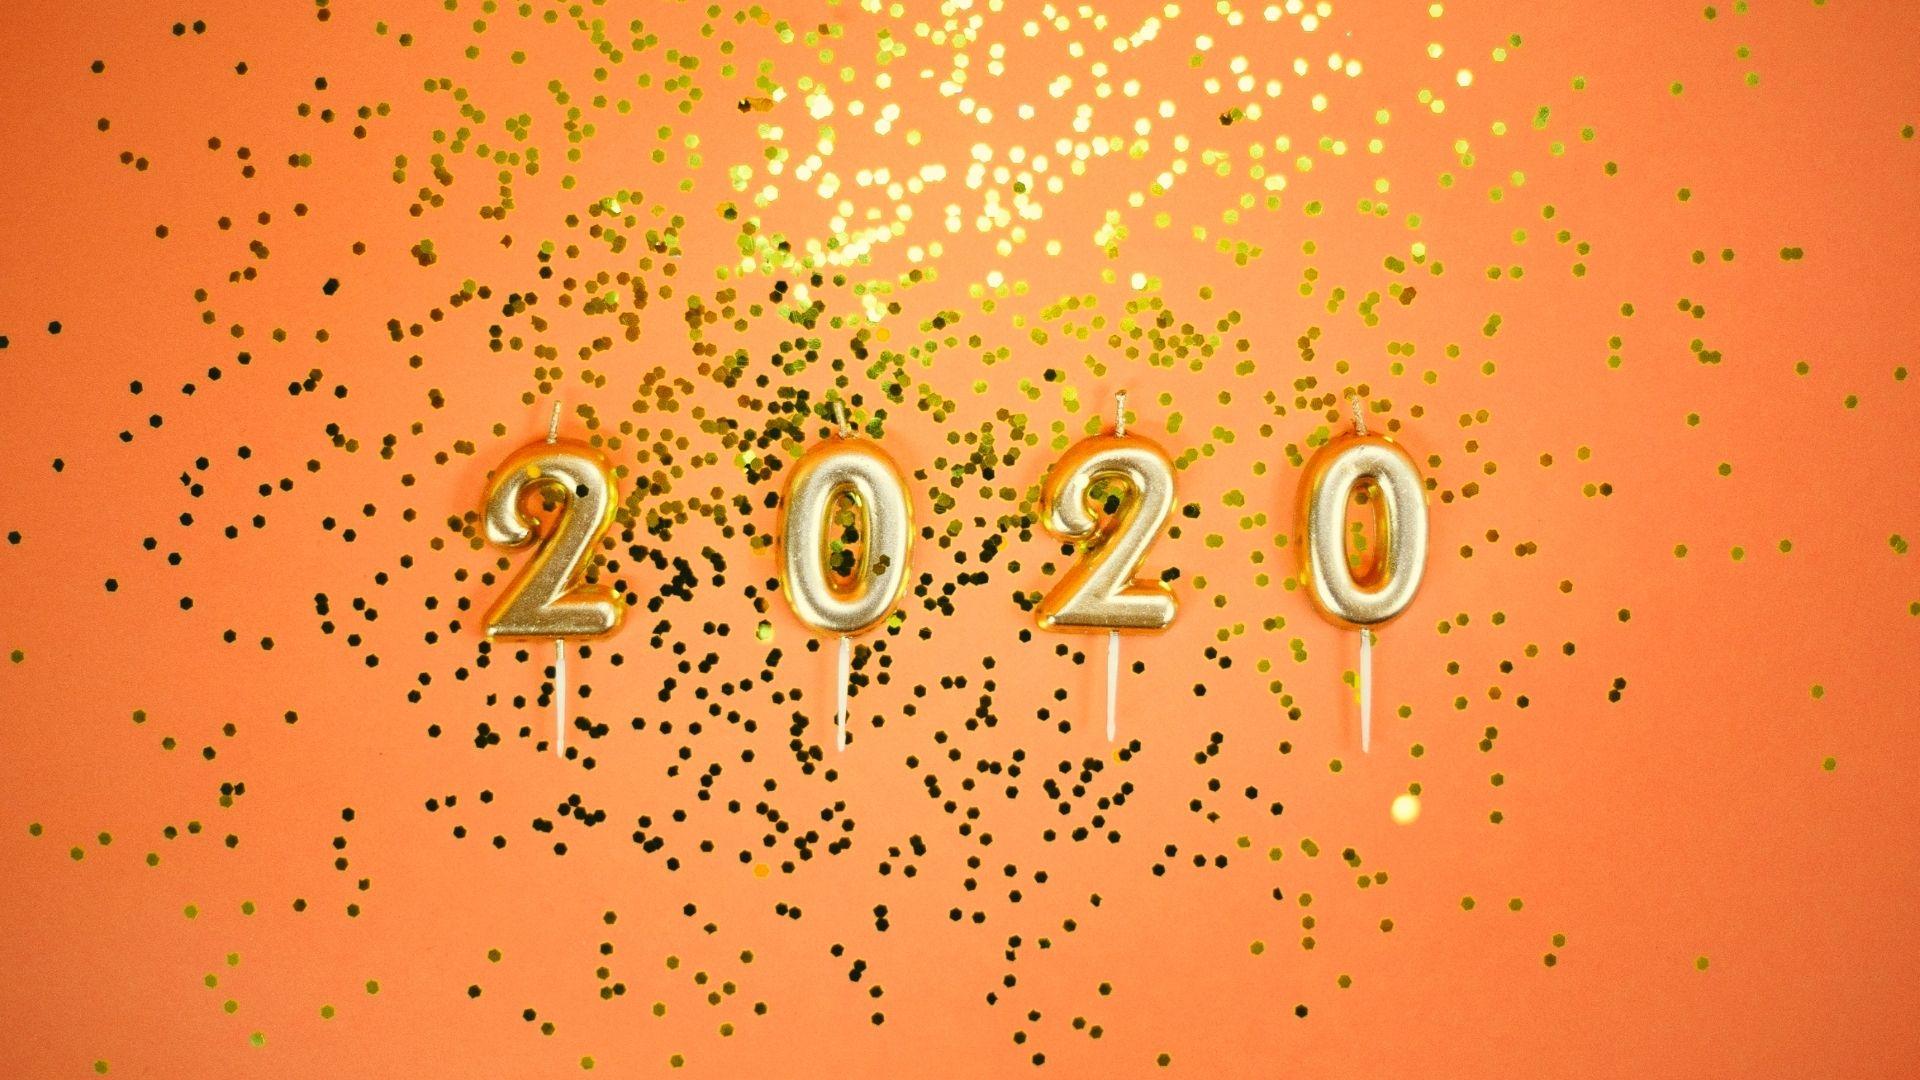 Diese 7 Beiträge wollte im 2020 niemand verpassen